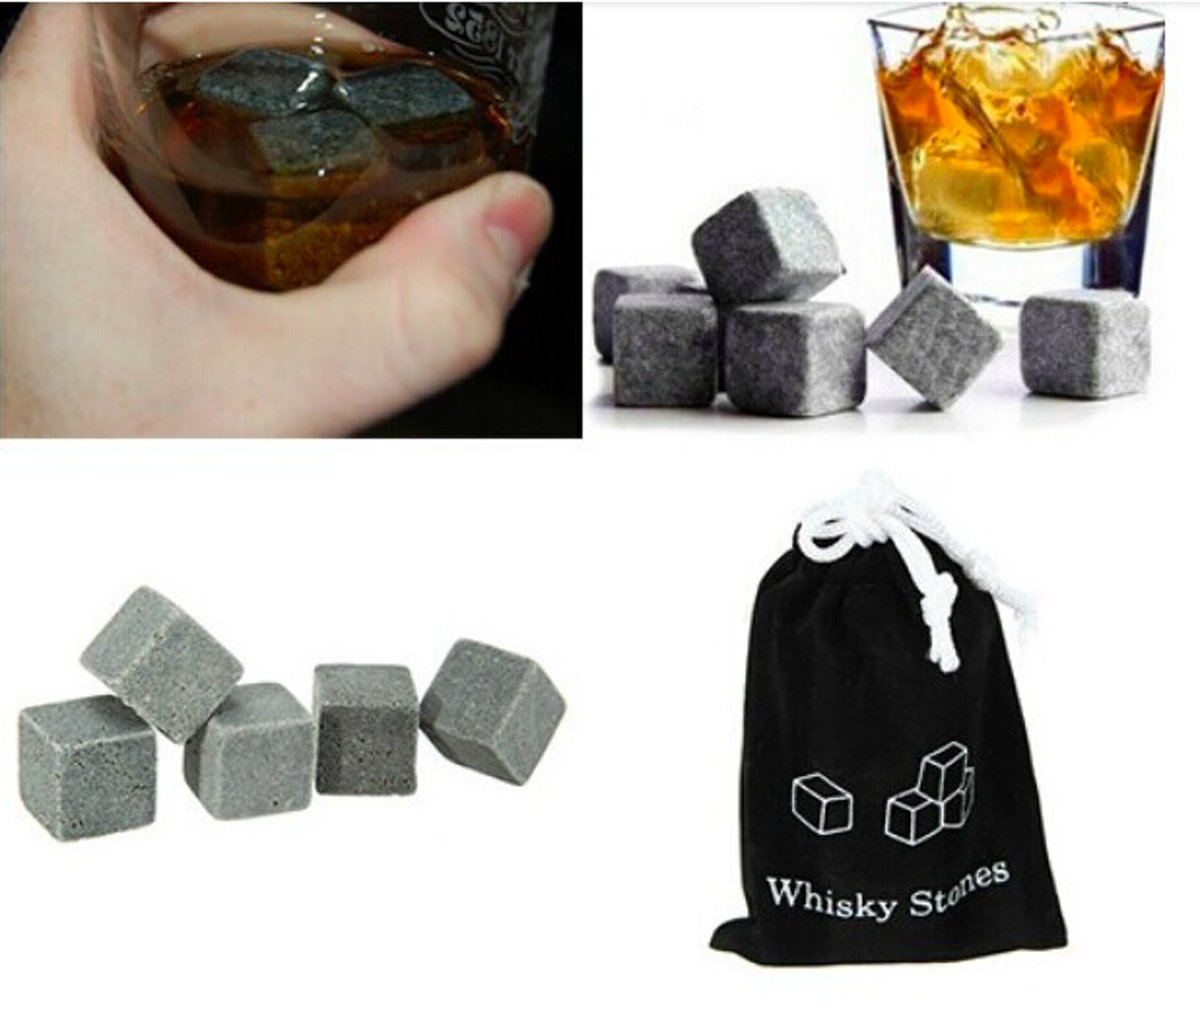 Whiskey stones Ijsblokjes - 1.8 cm - 9 stuks kopen